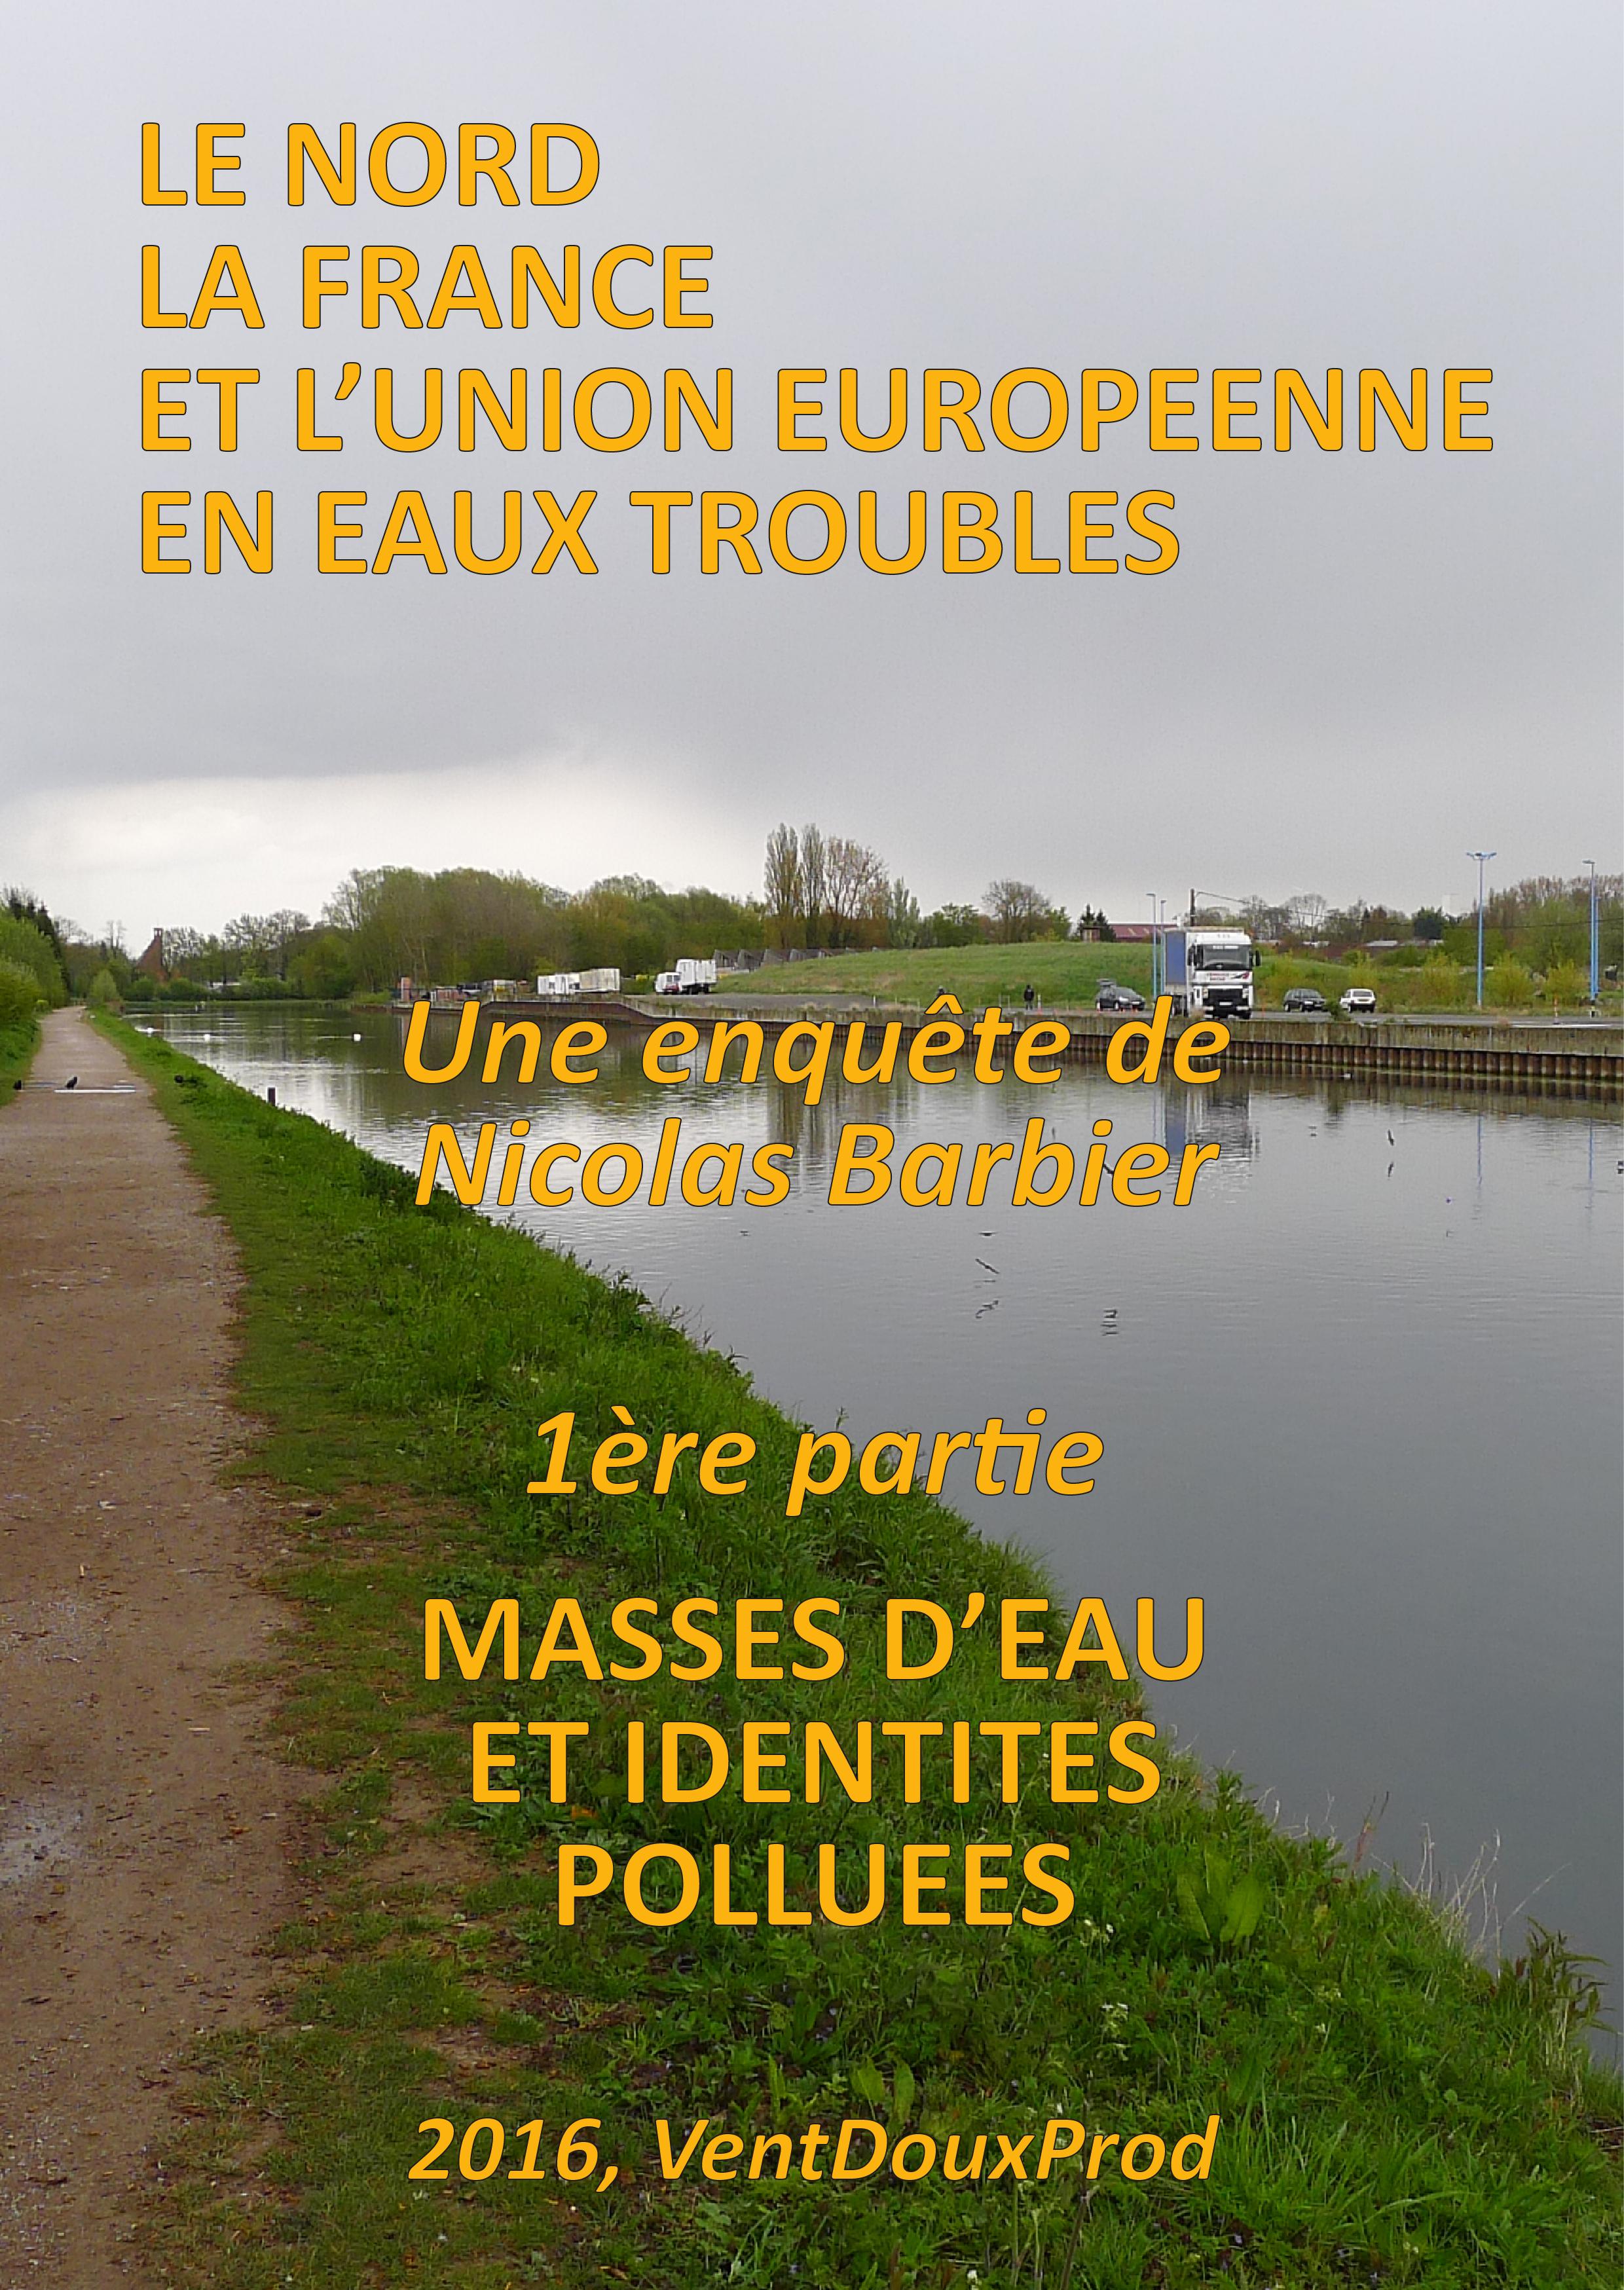 ventdouxprod barbier affiche masses eau pollution artois-picardie hauts-de-france union européenne france république démocratie